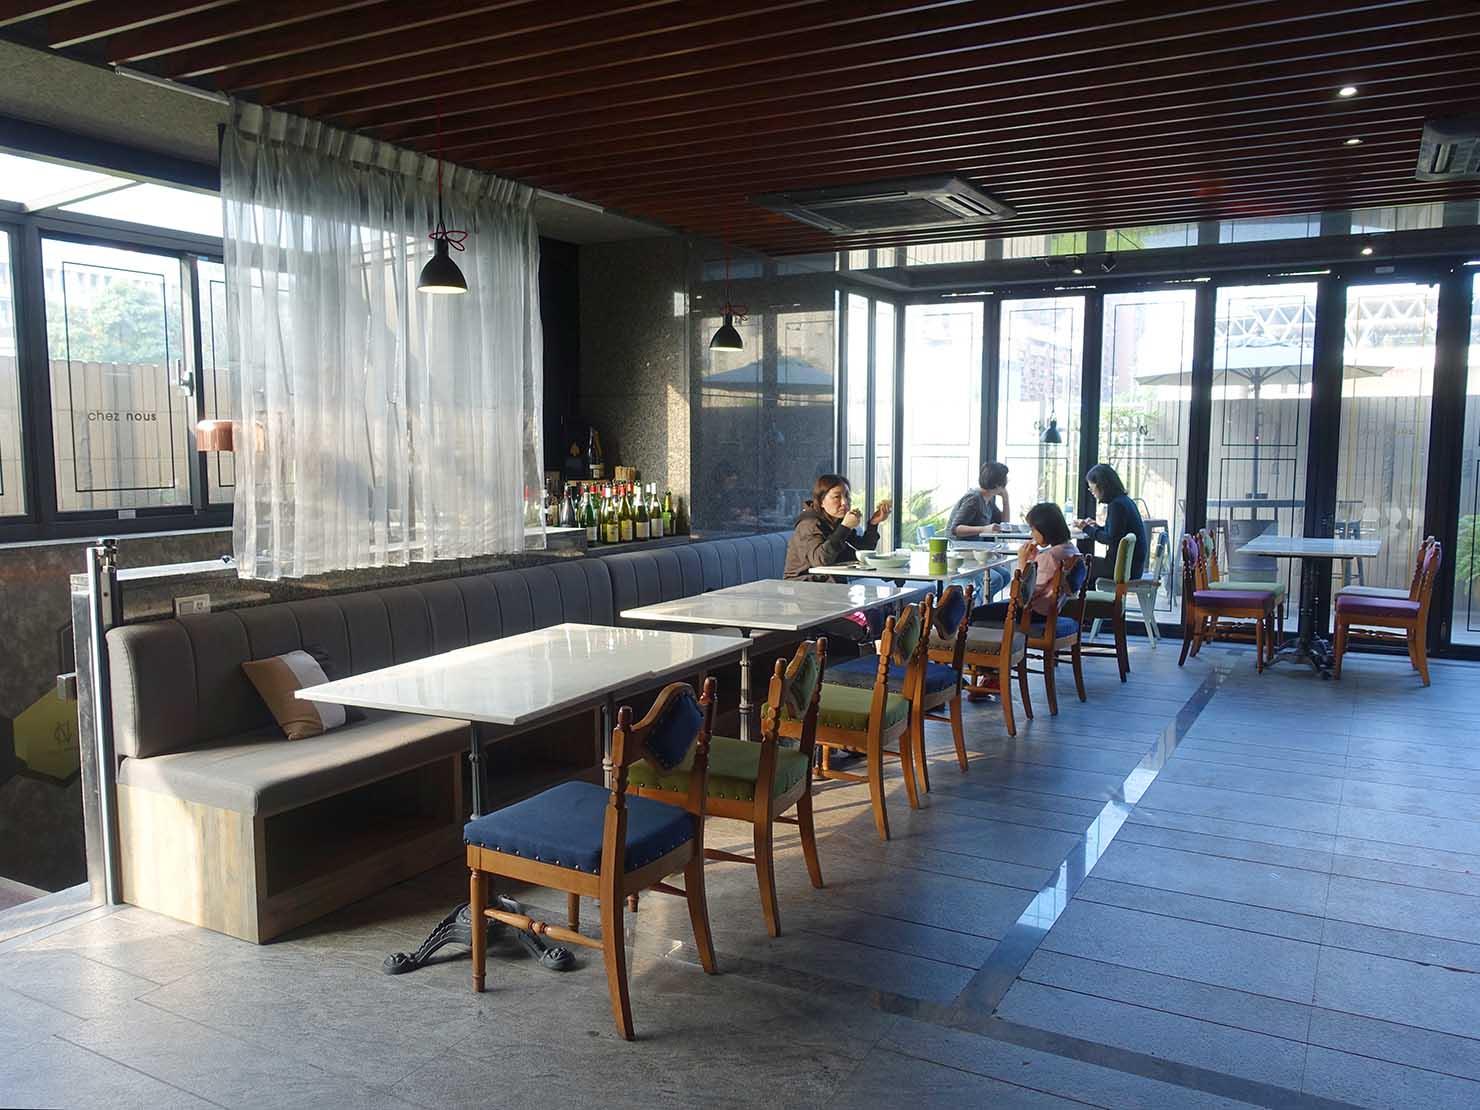 台北・大安の最高におしゃれなブティックホテル「chez nous 司旅」のダイニングスペース